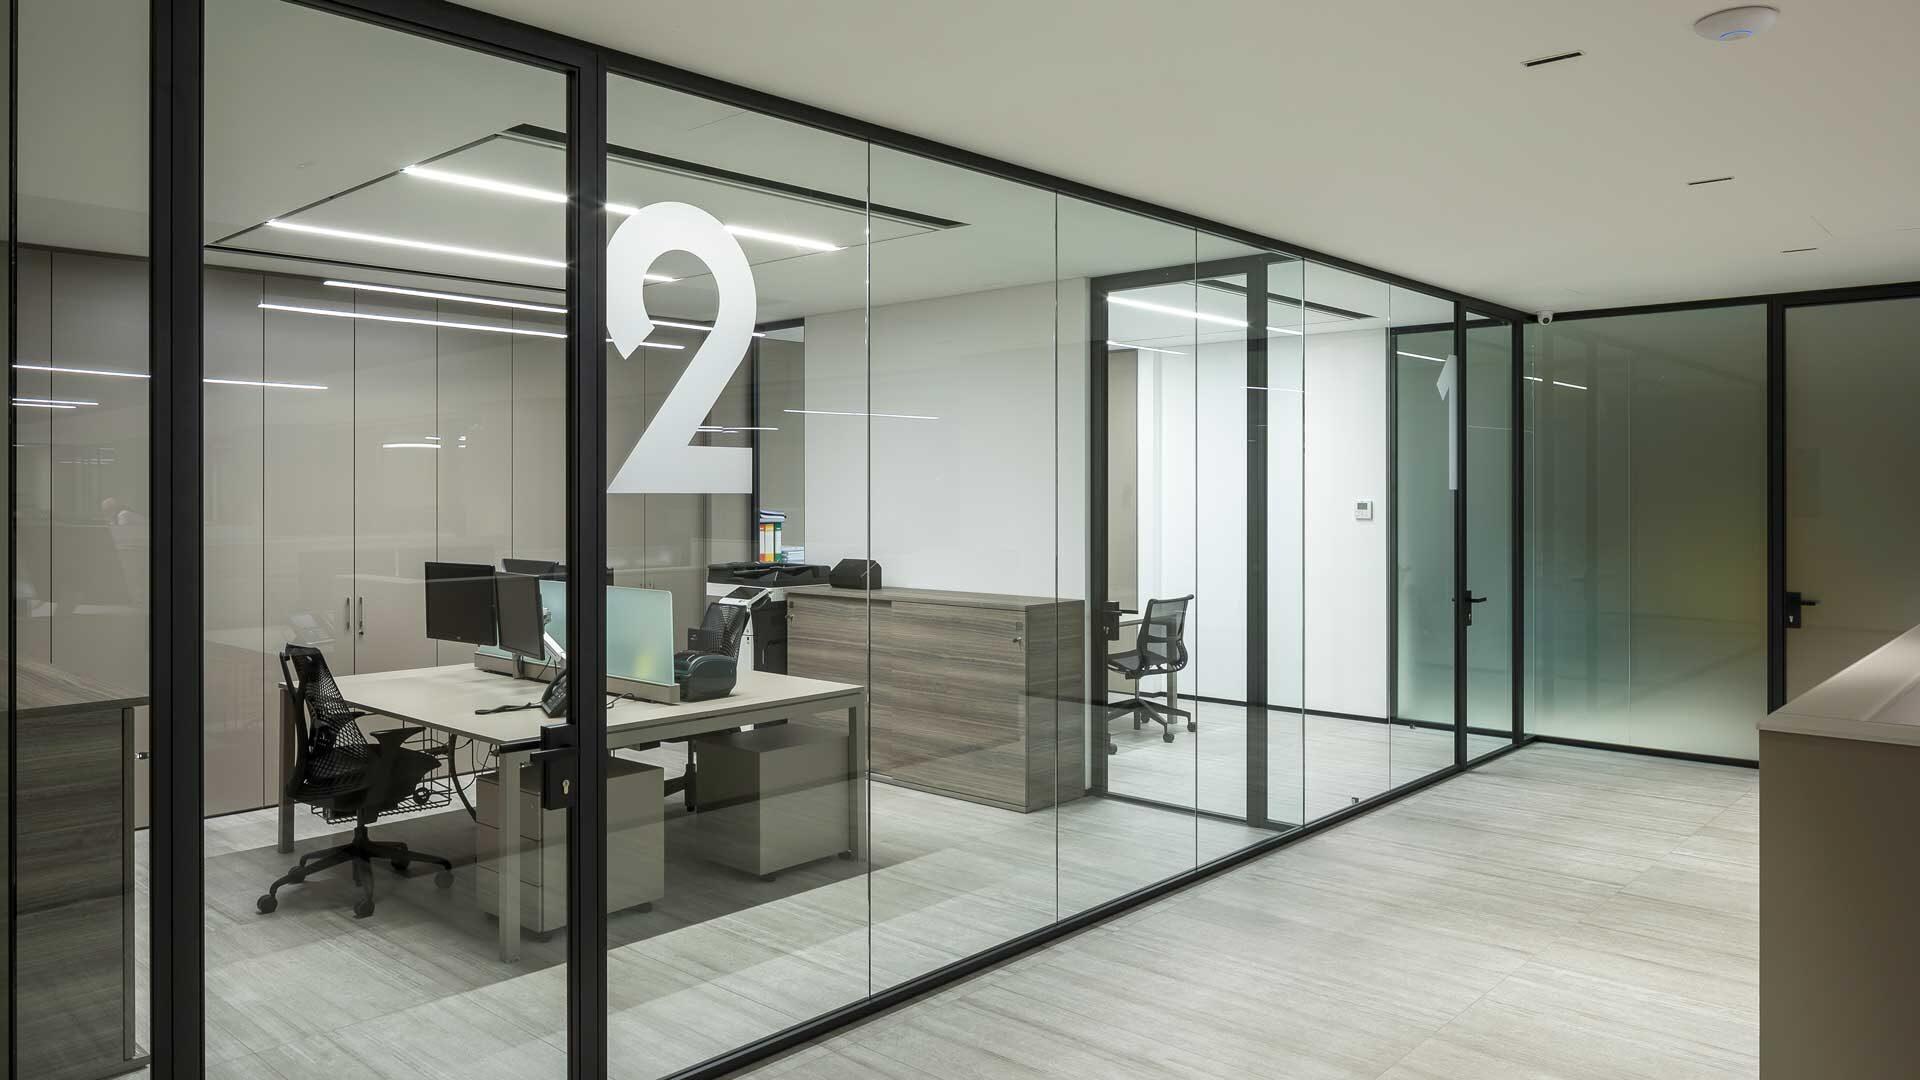 progetta-ufficio-sicuro-Level-Office-Landscape-copertina